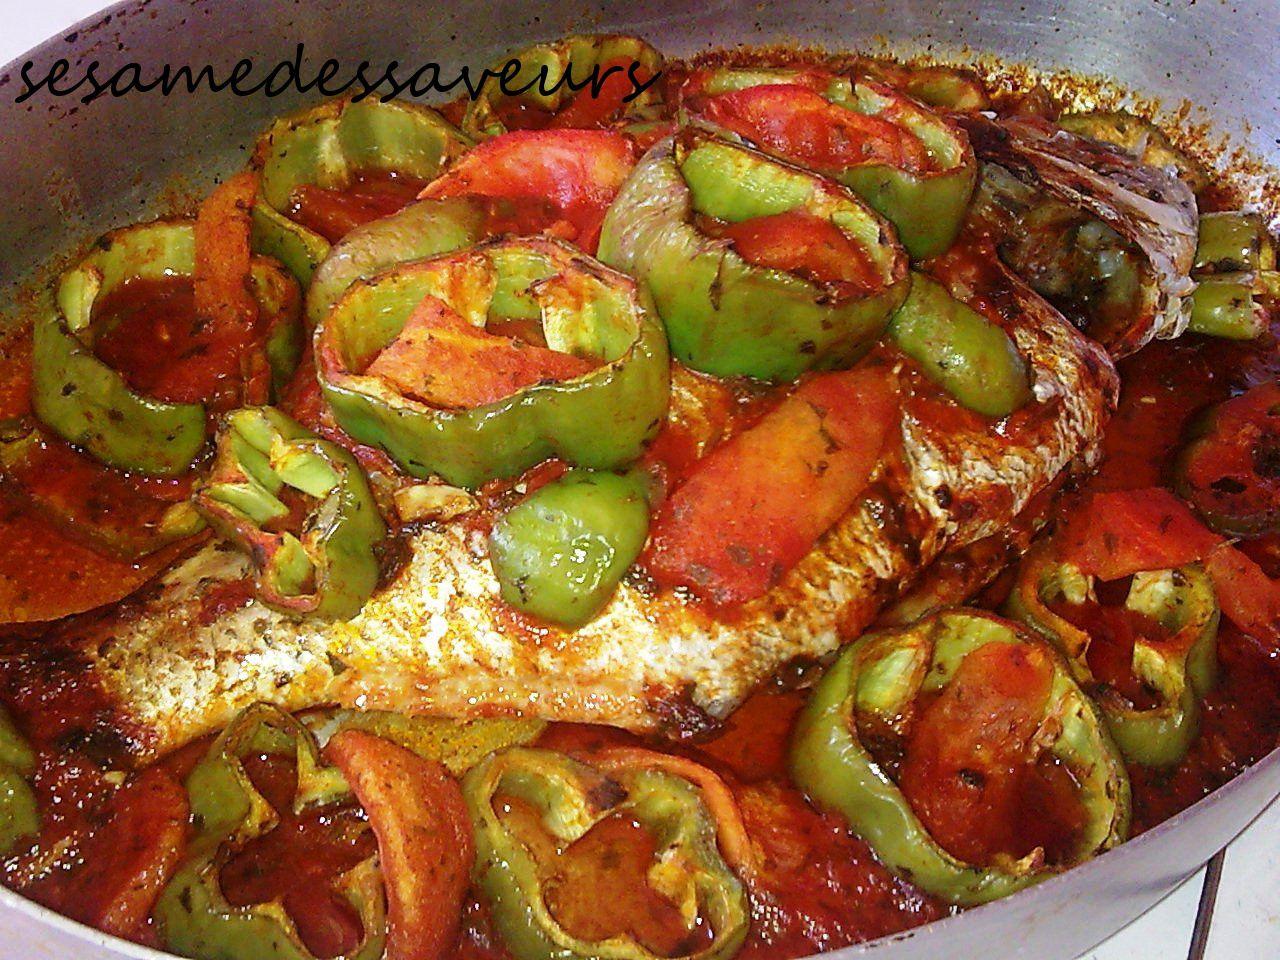 Recettes base de poisson le s same des saveurs - Recette poisson grille au four ...